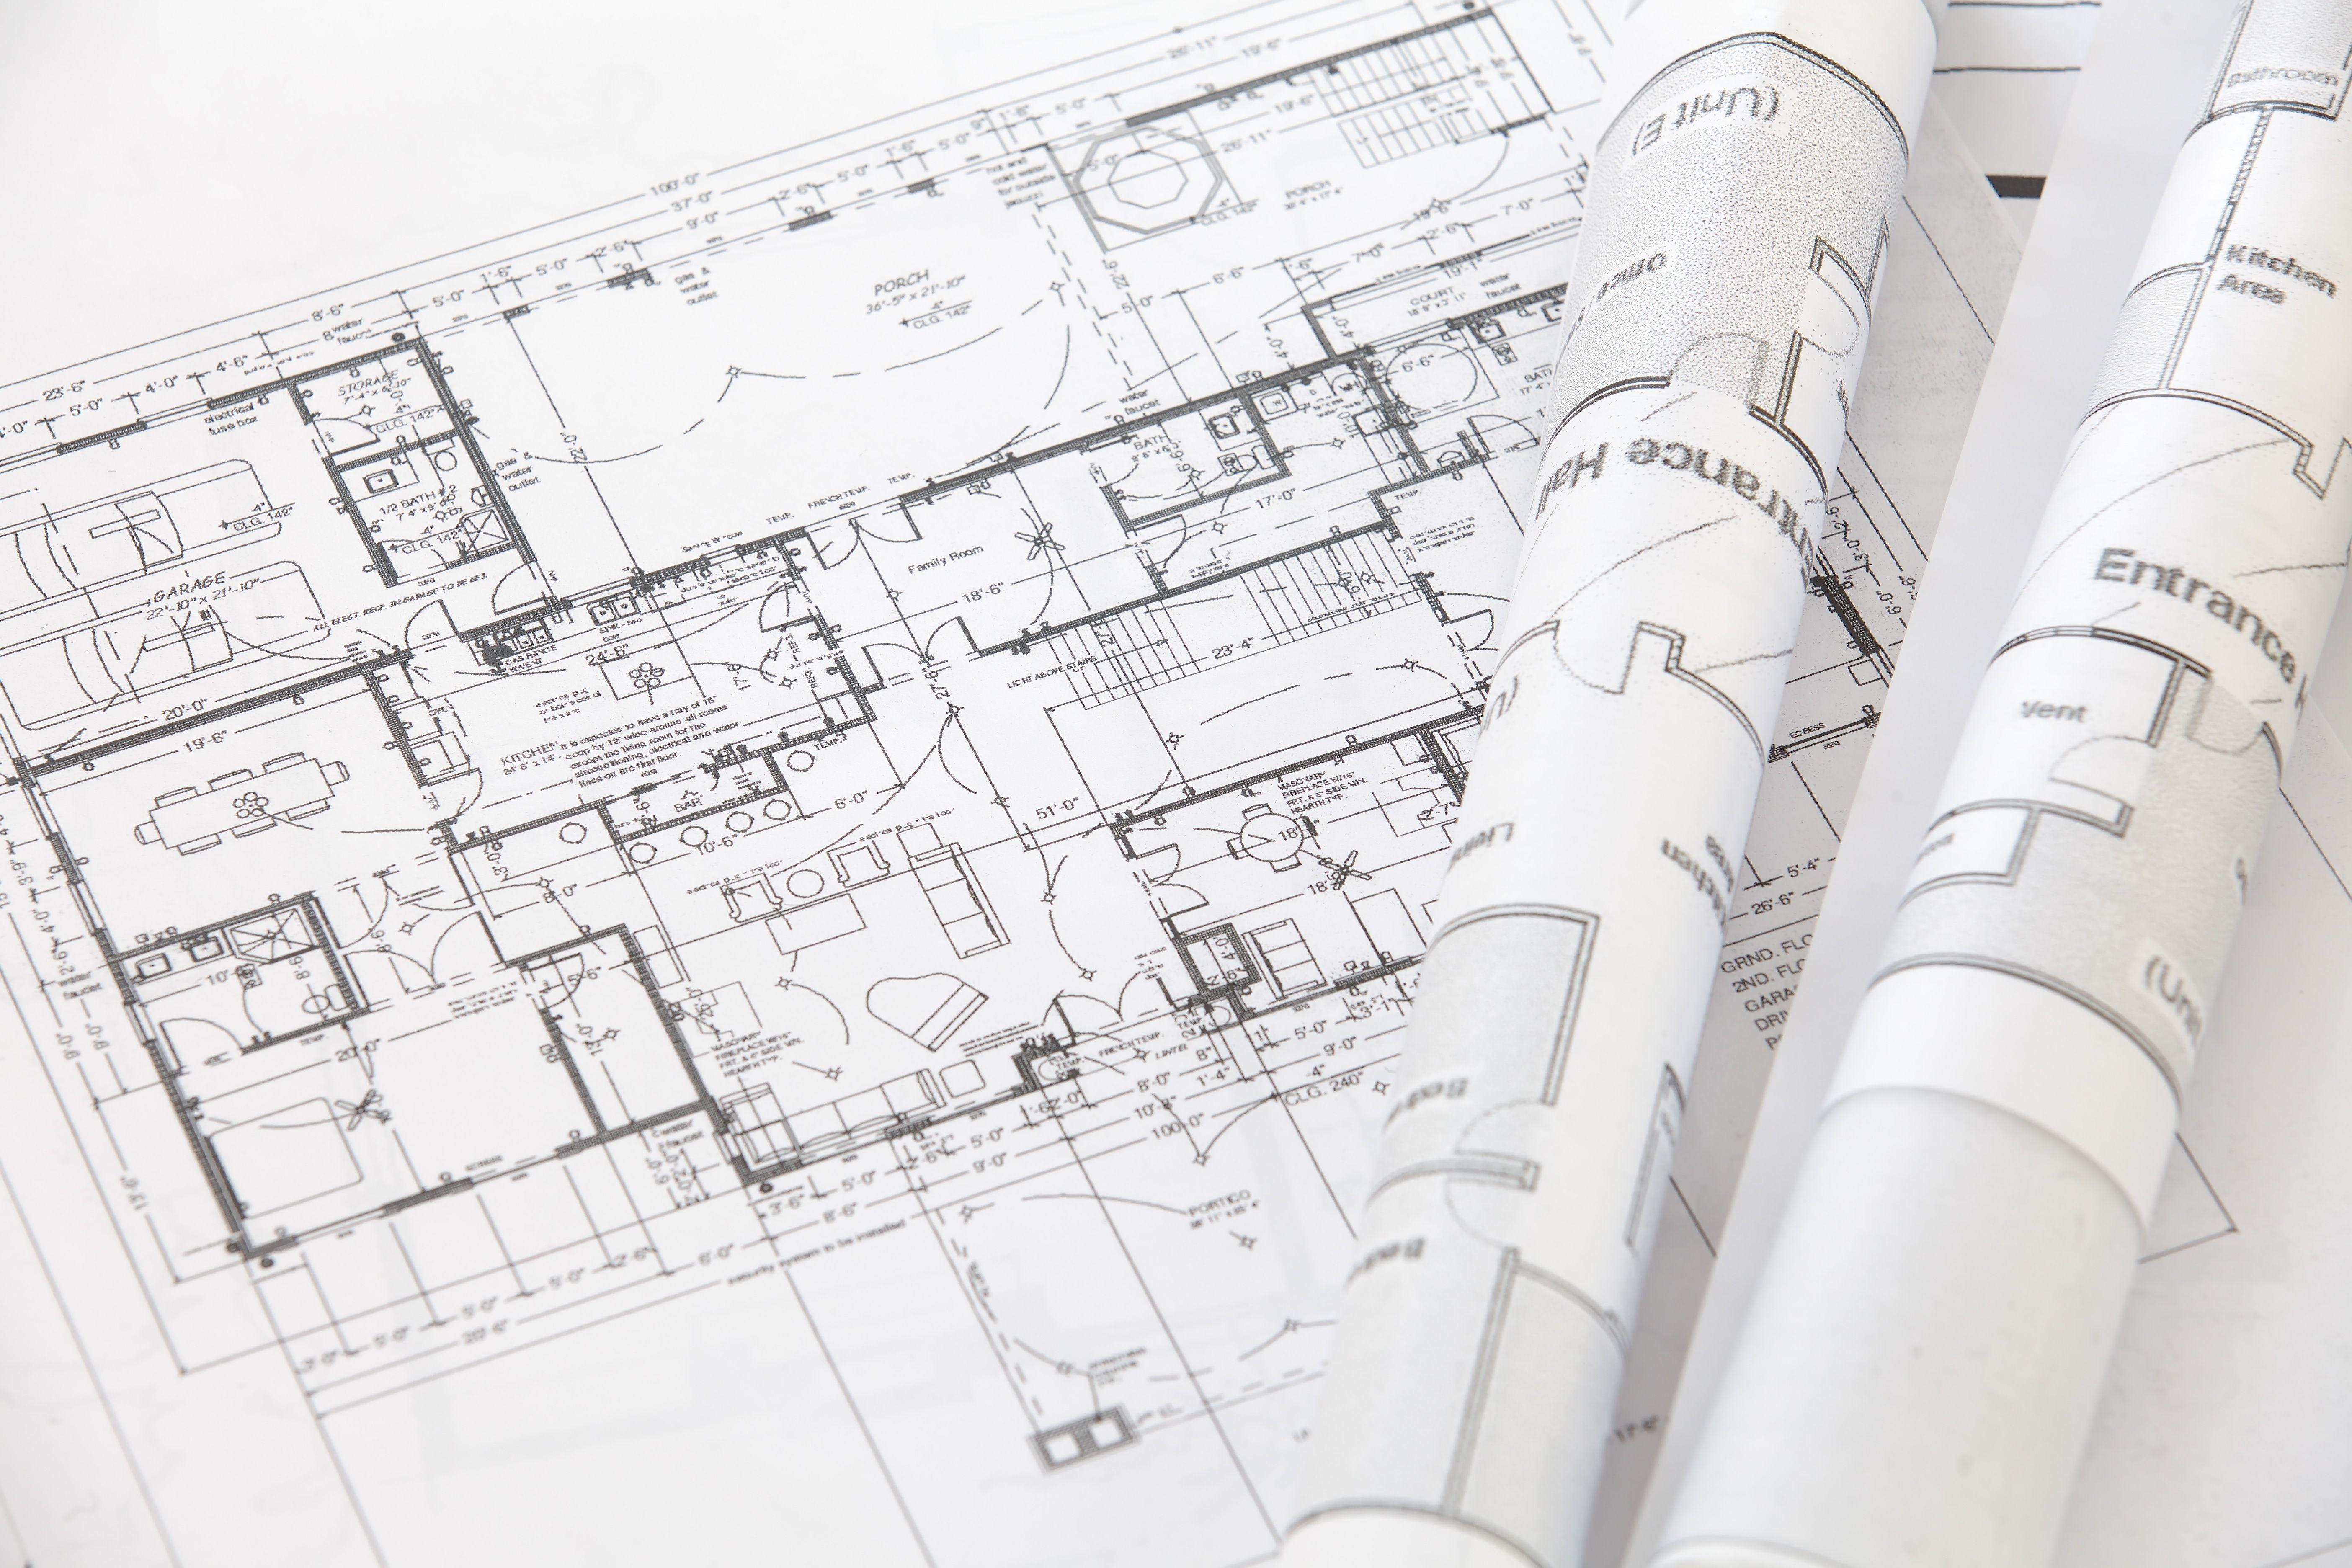 Architetti aprire o non aprire la partita iva prontopro - Carrera de arquitectura de interiores ...